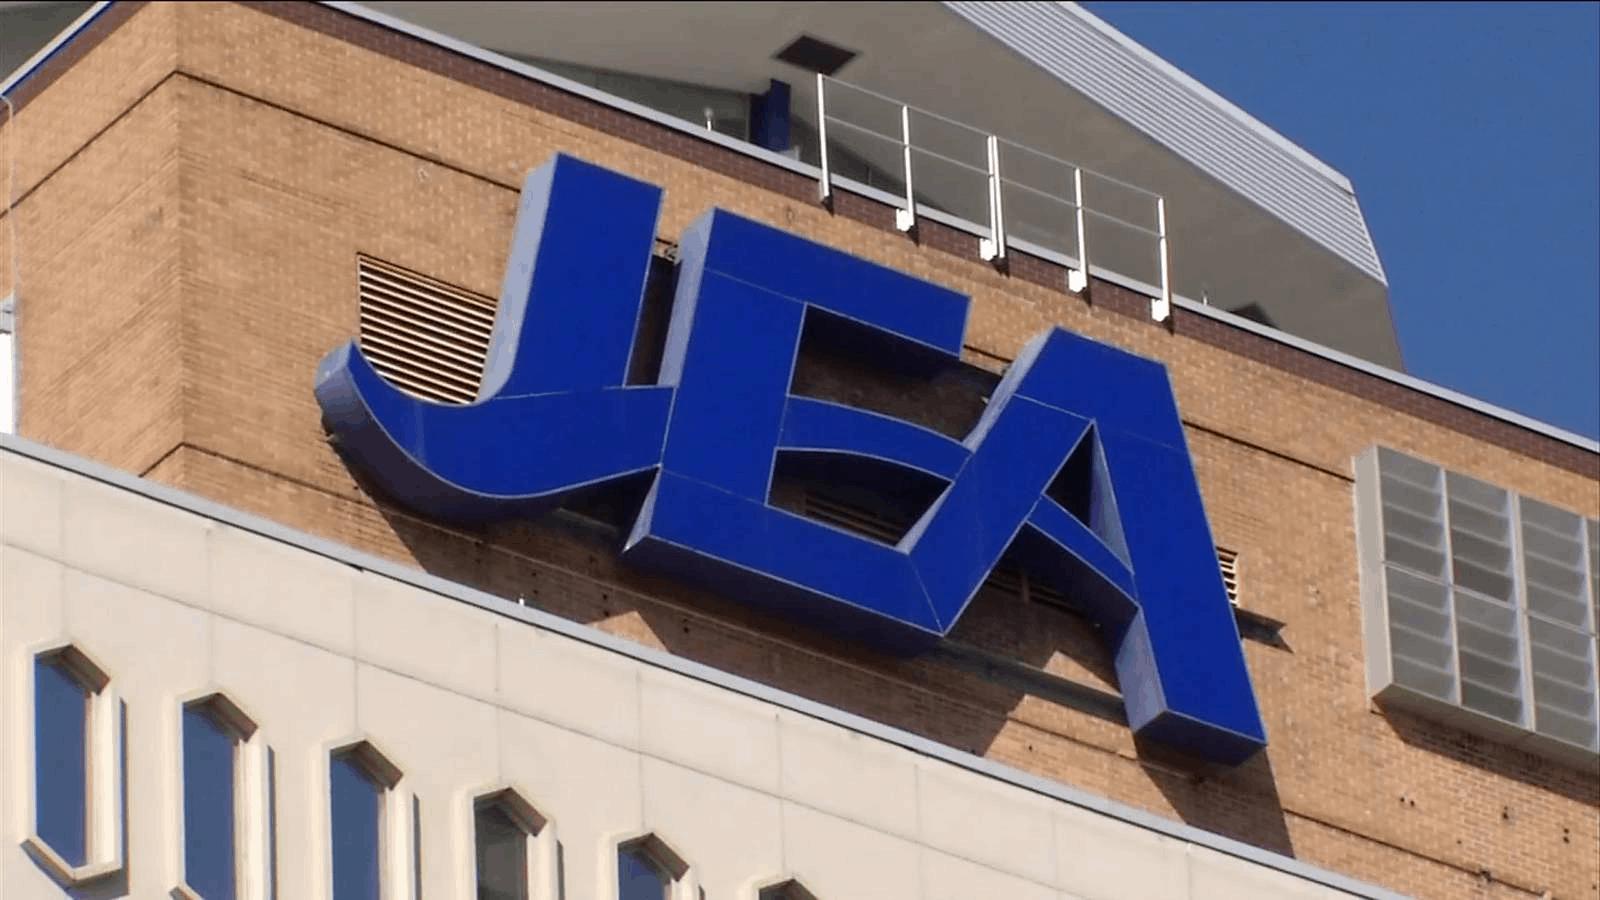 JEA building